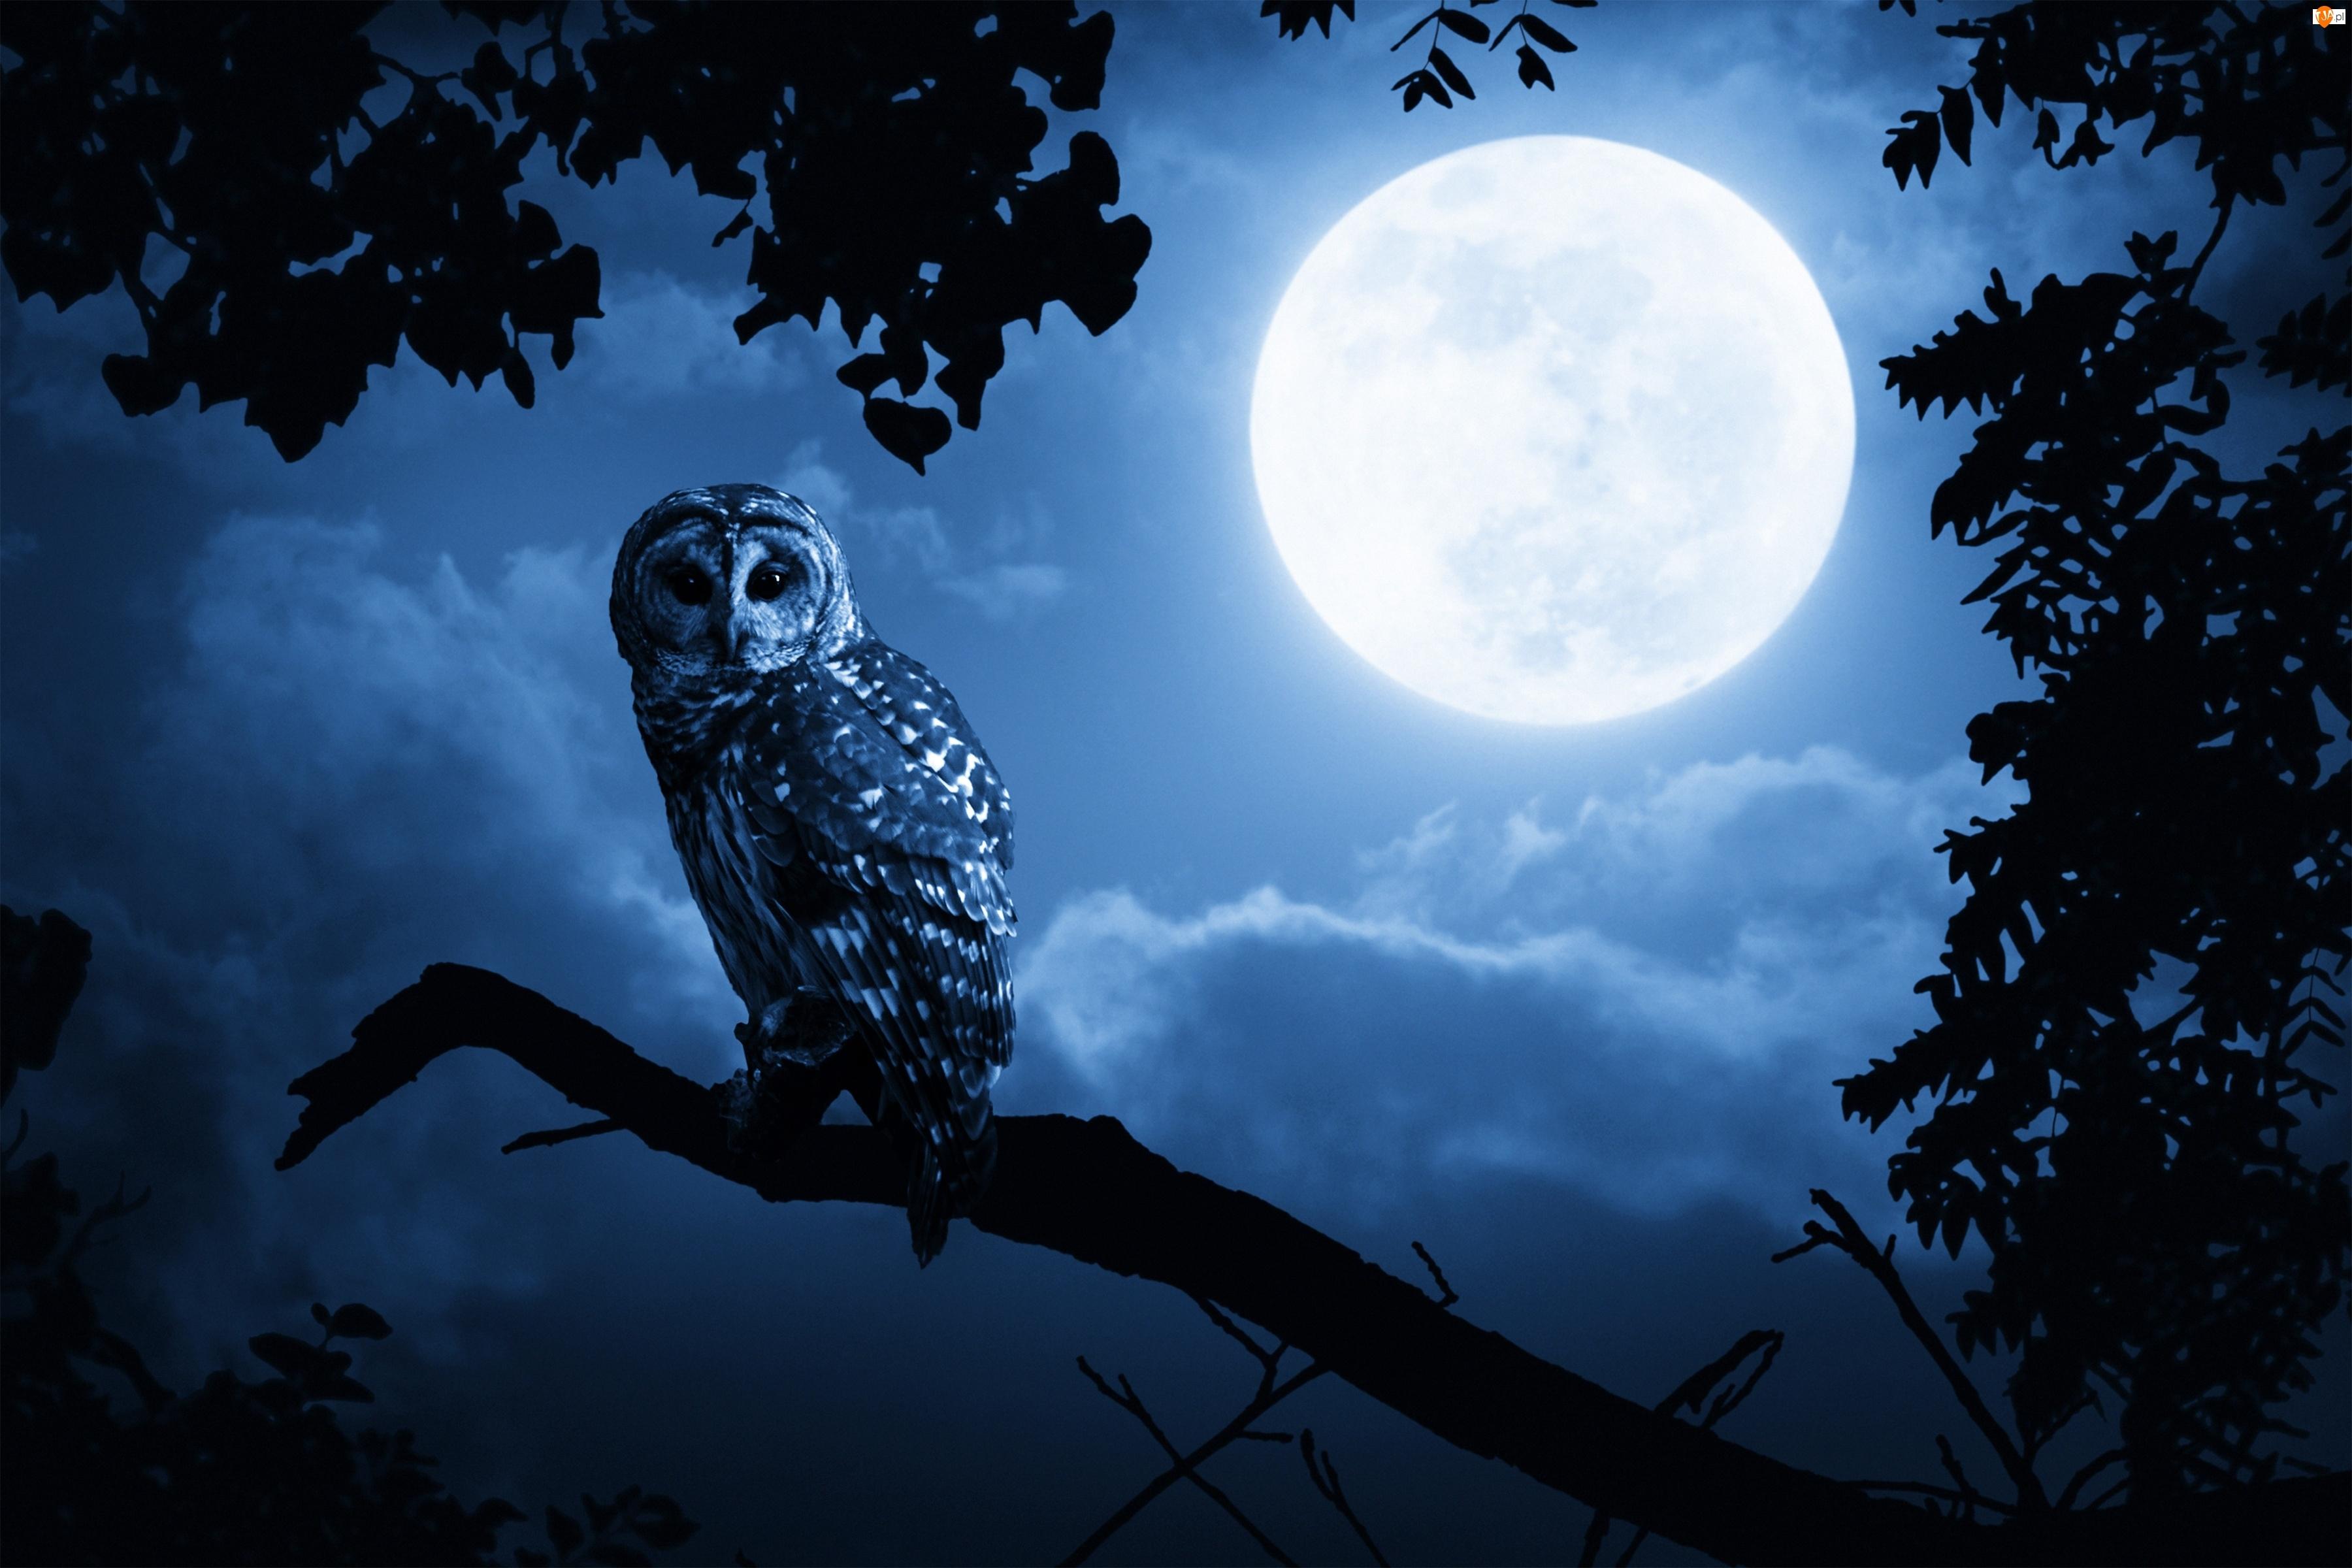 Noc, Sowa, Drzewa, Włochatka, Księżyc